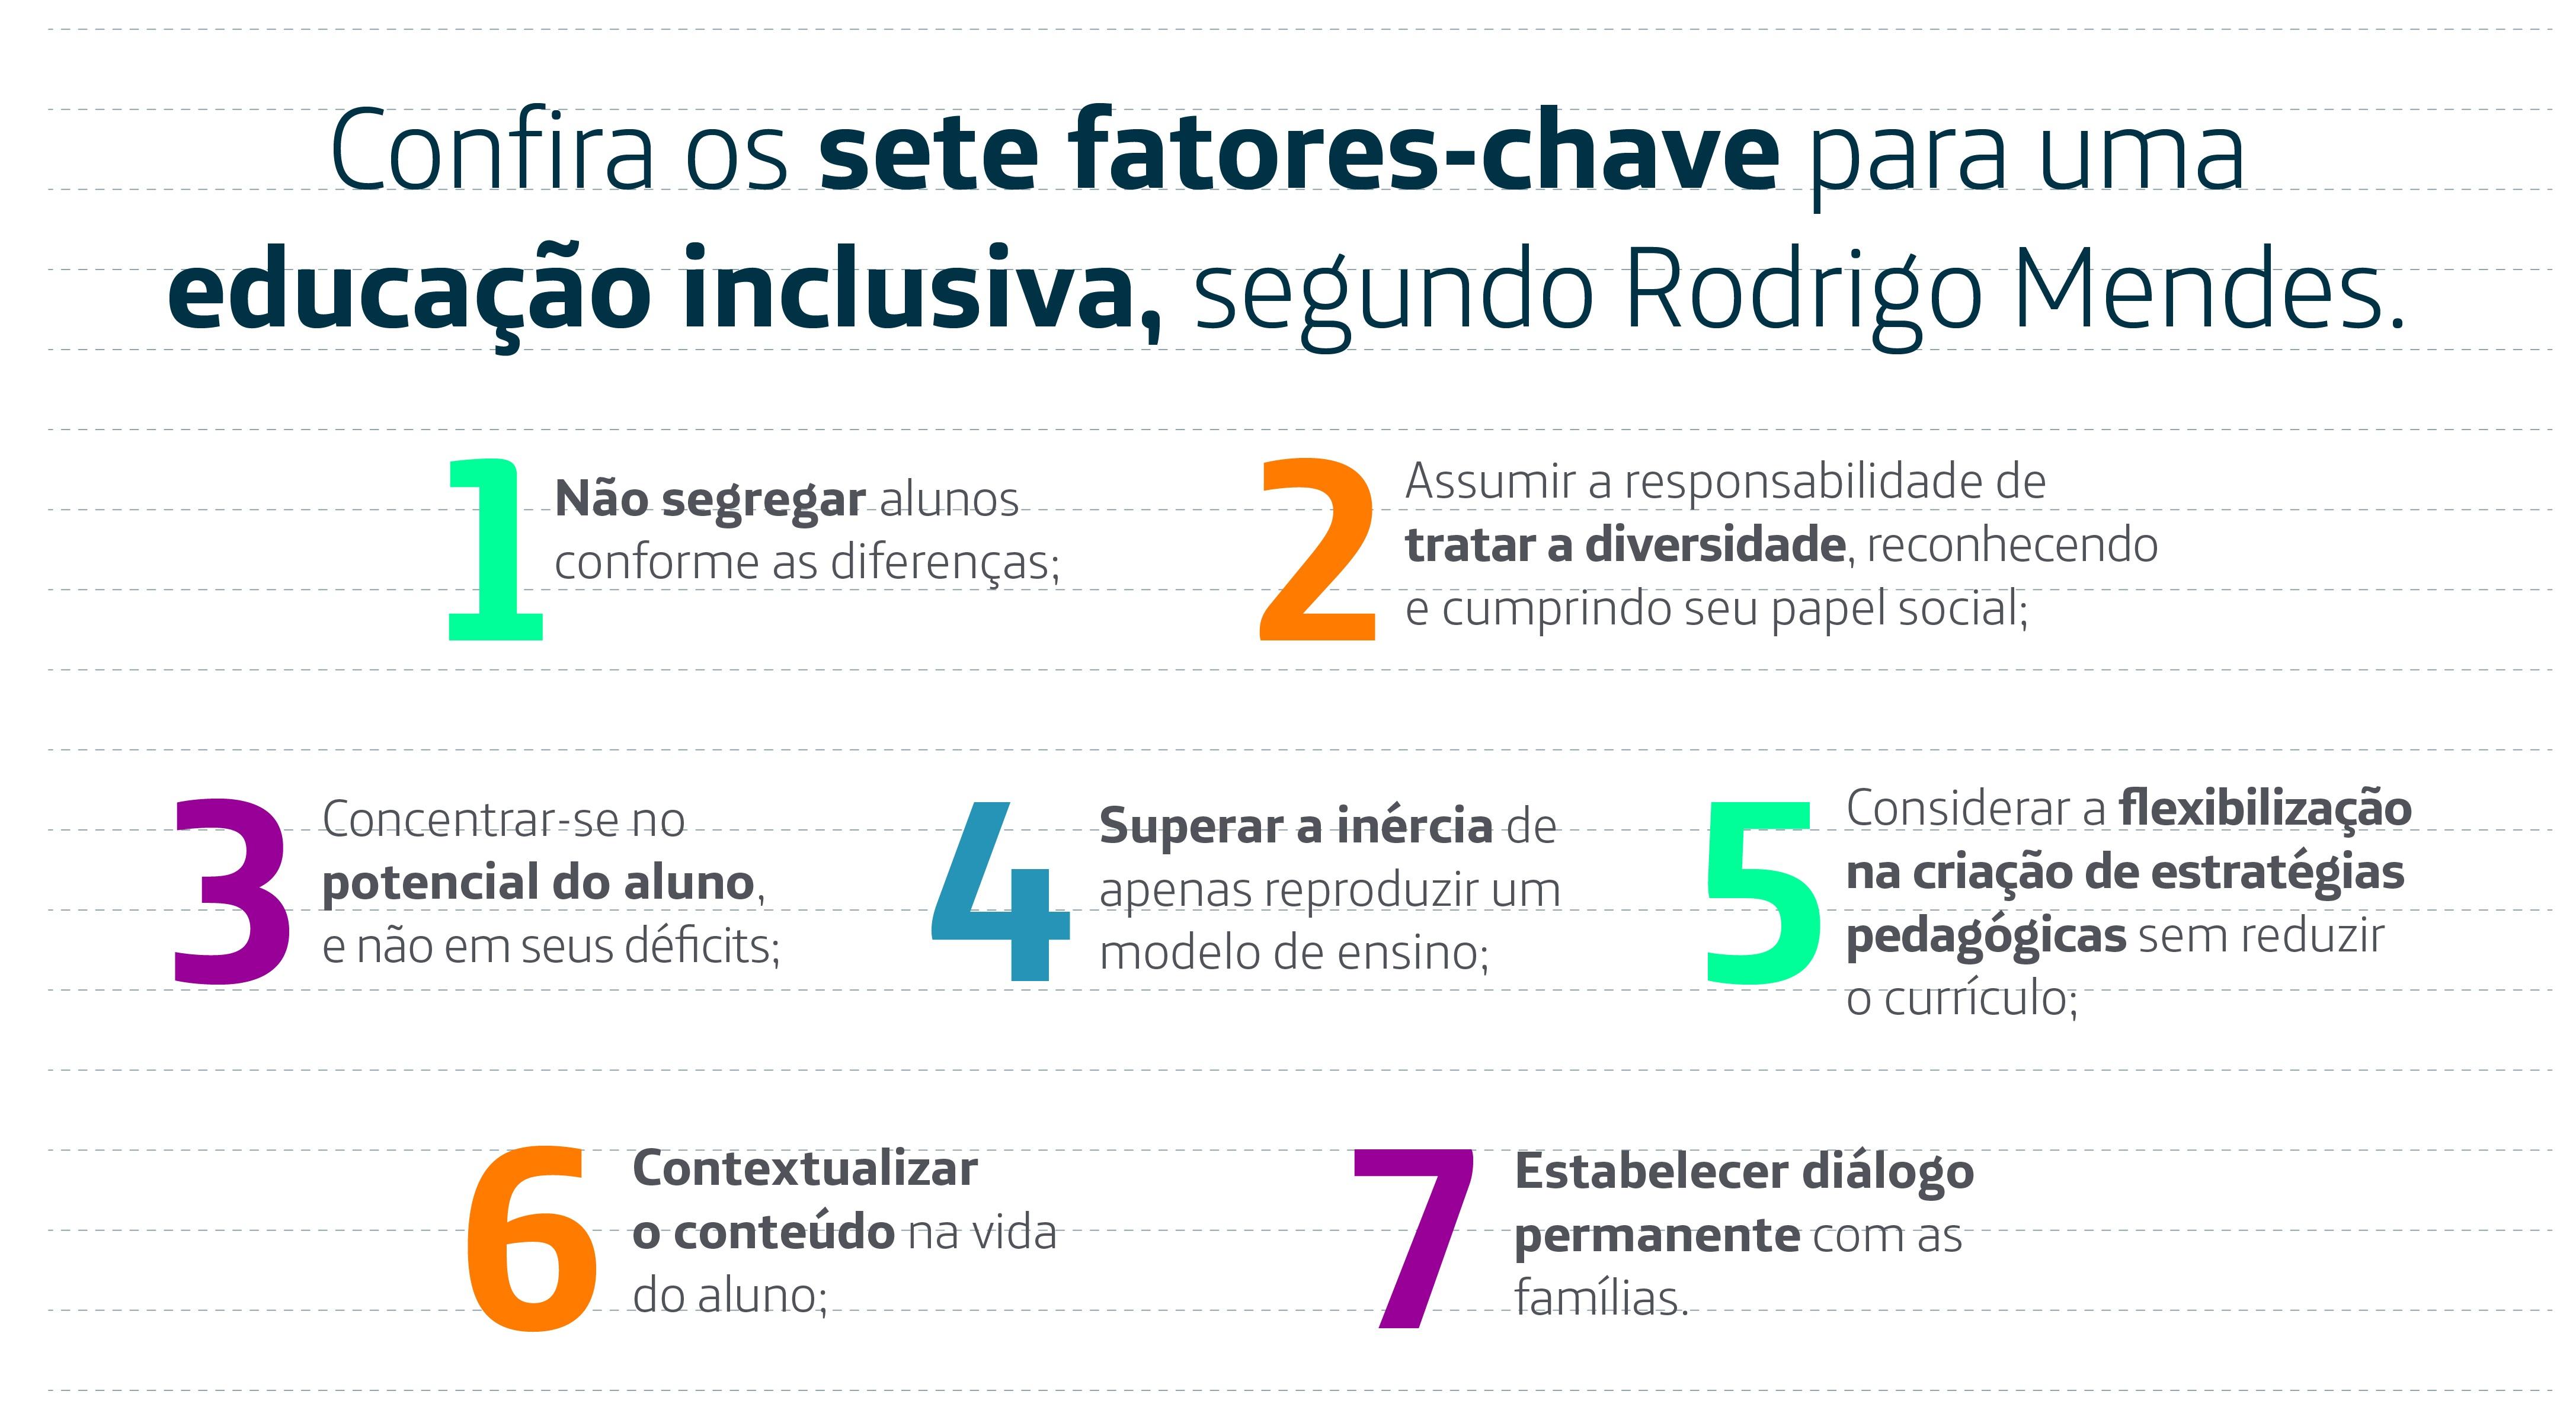 Infográfico mostra sete fatores para incluir pessoas com Síndrome de Down em figura que mescla texto e números coloridos.